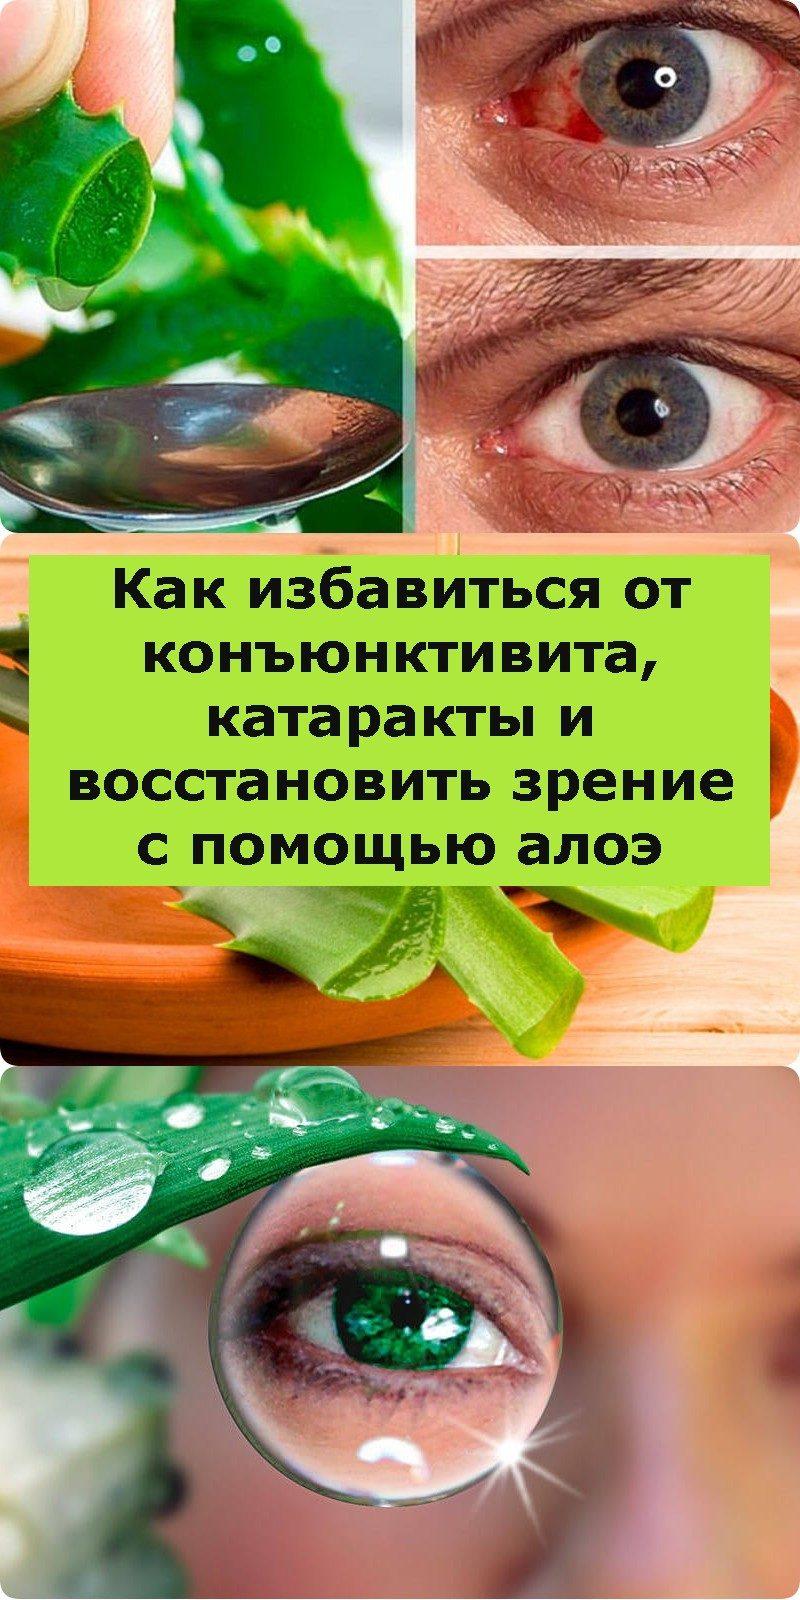 Как избавиться от конъюнктивита, катаракты и восстановить зрение с помощью алоэ